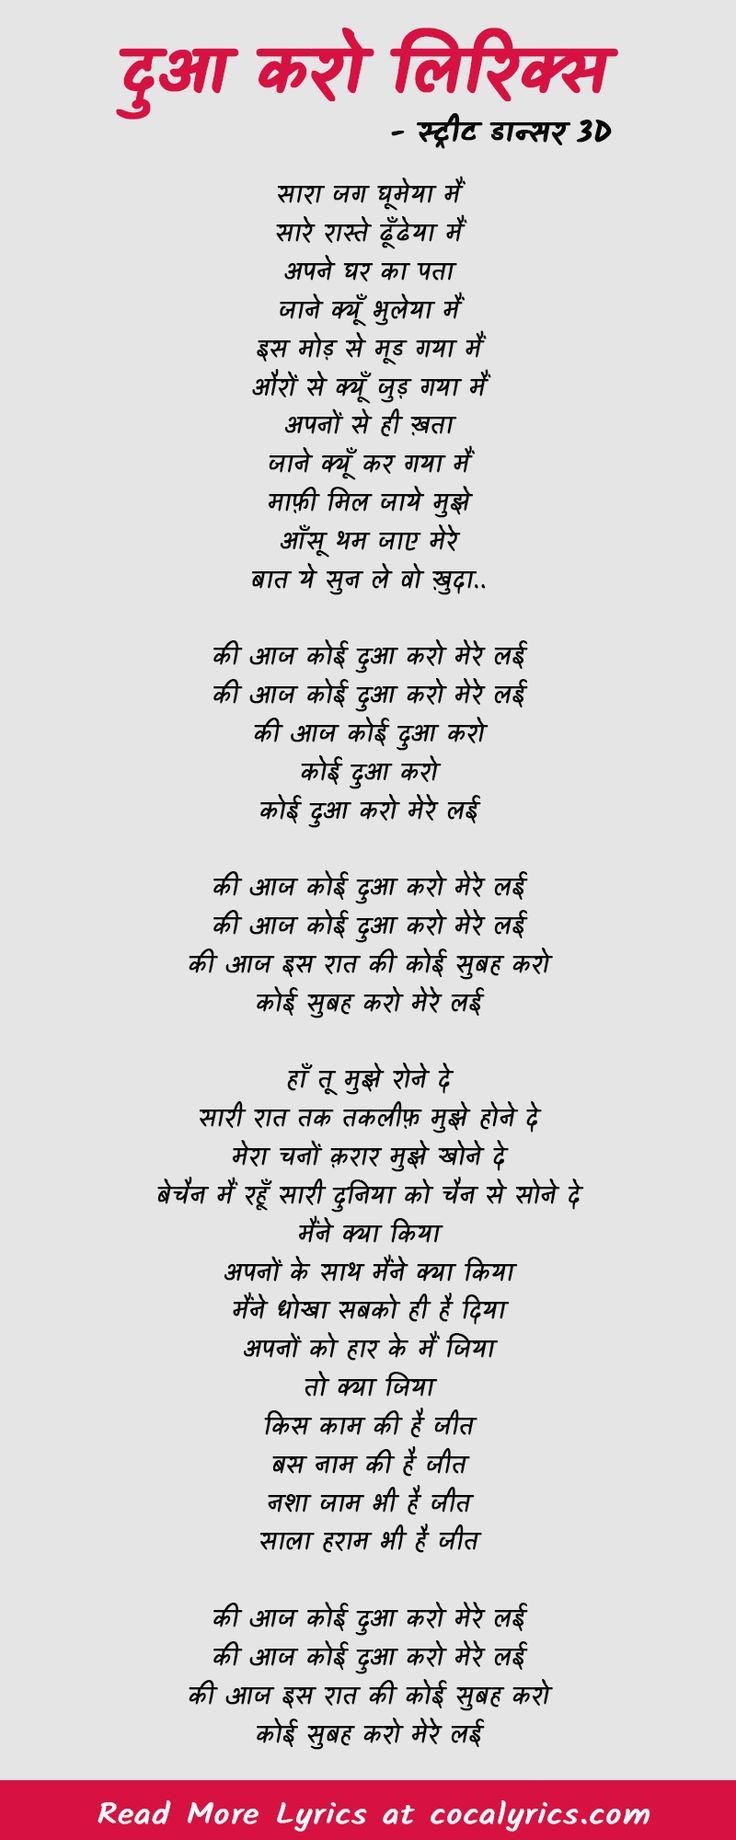 Dua karo lyrics in hindi street dancer 3d in 2020